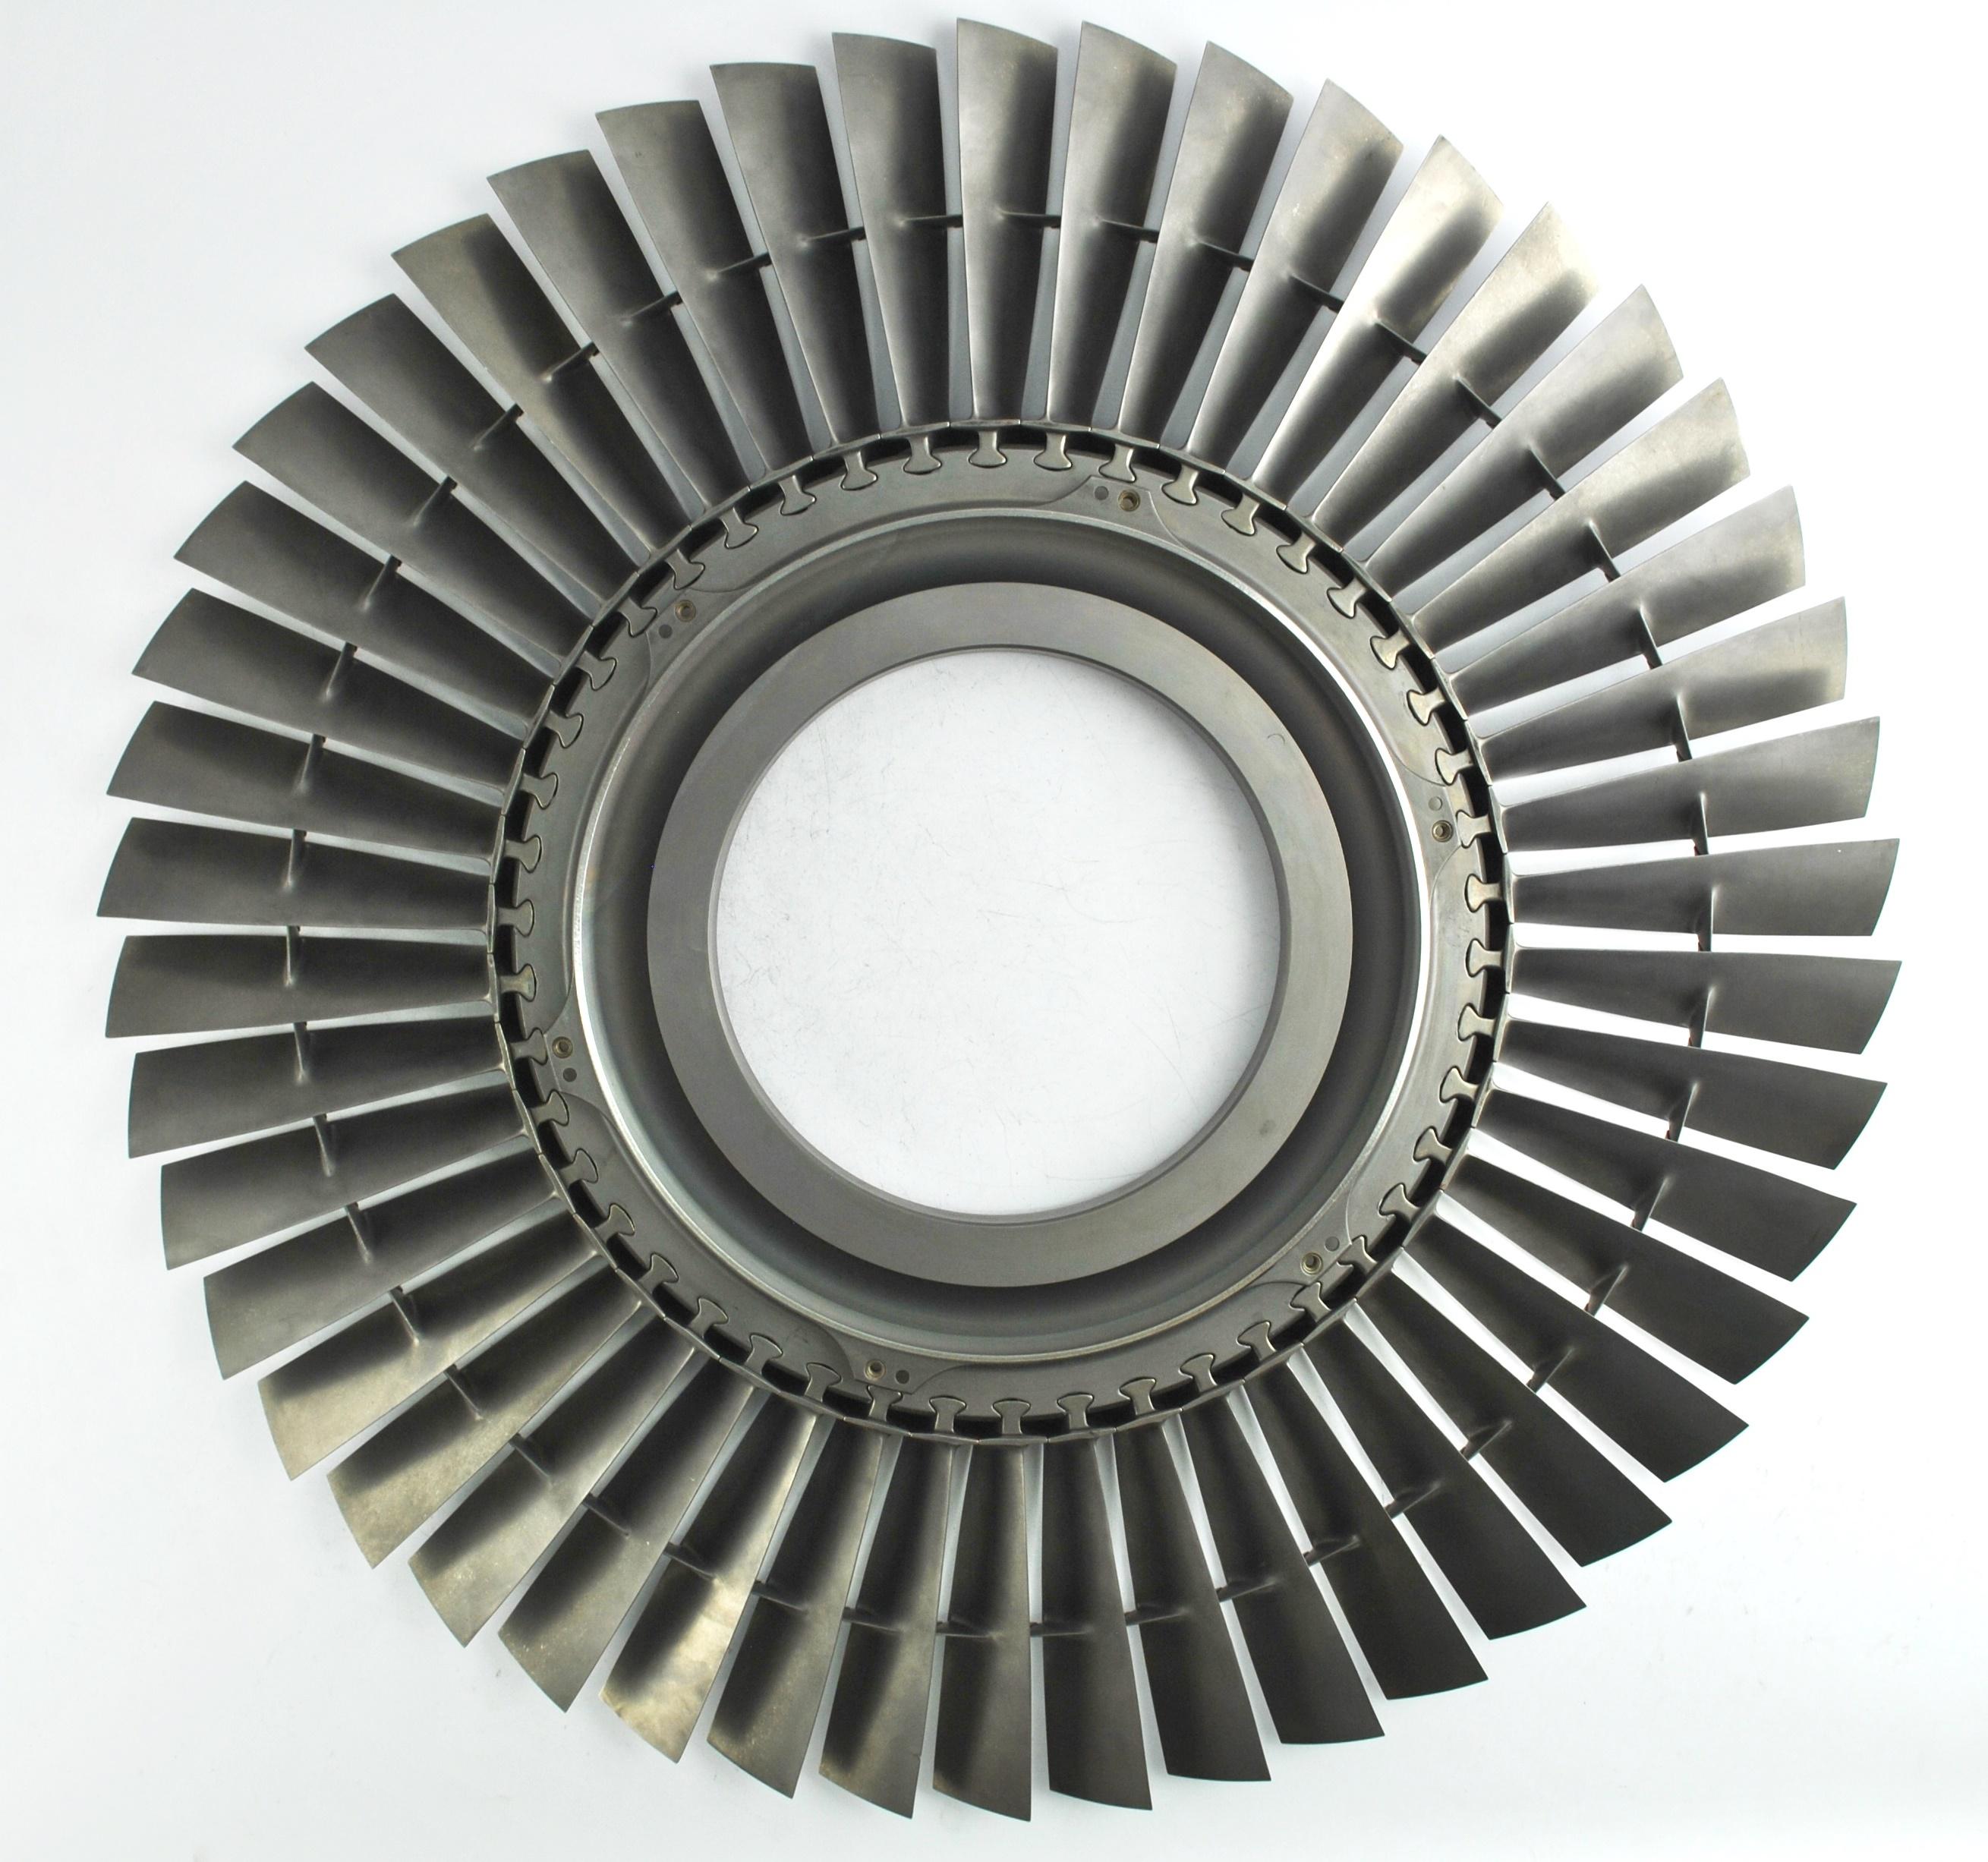 Tornado Rb199 Jet Engine fan